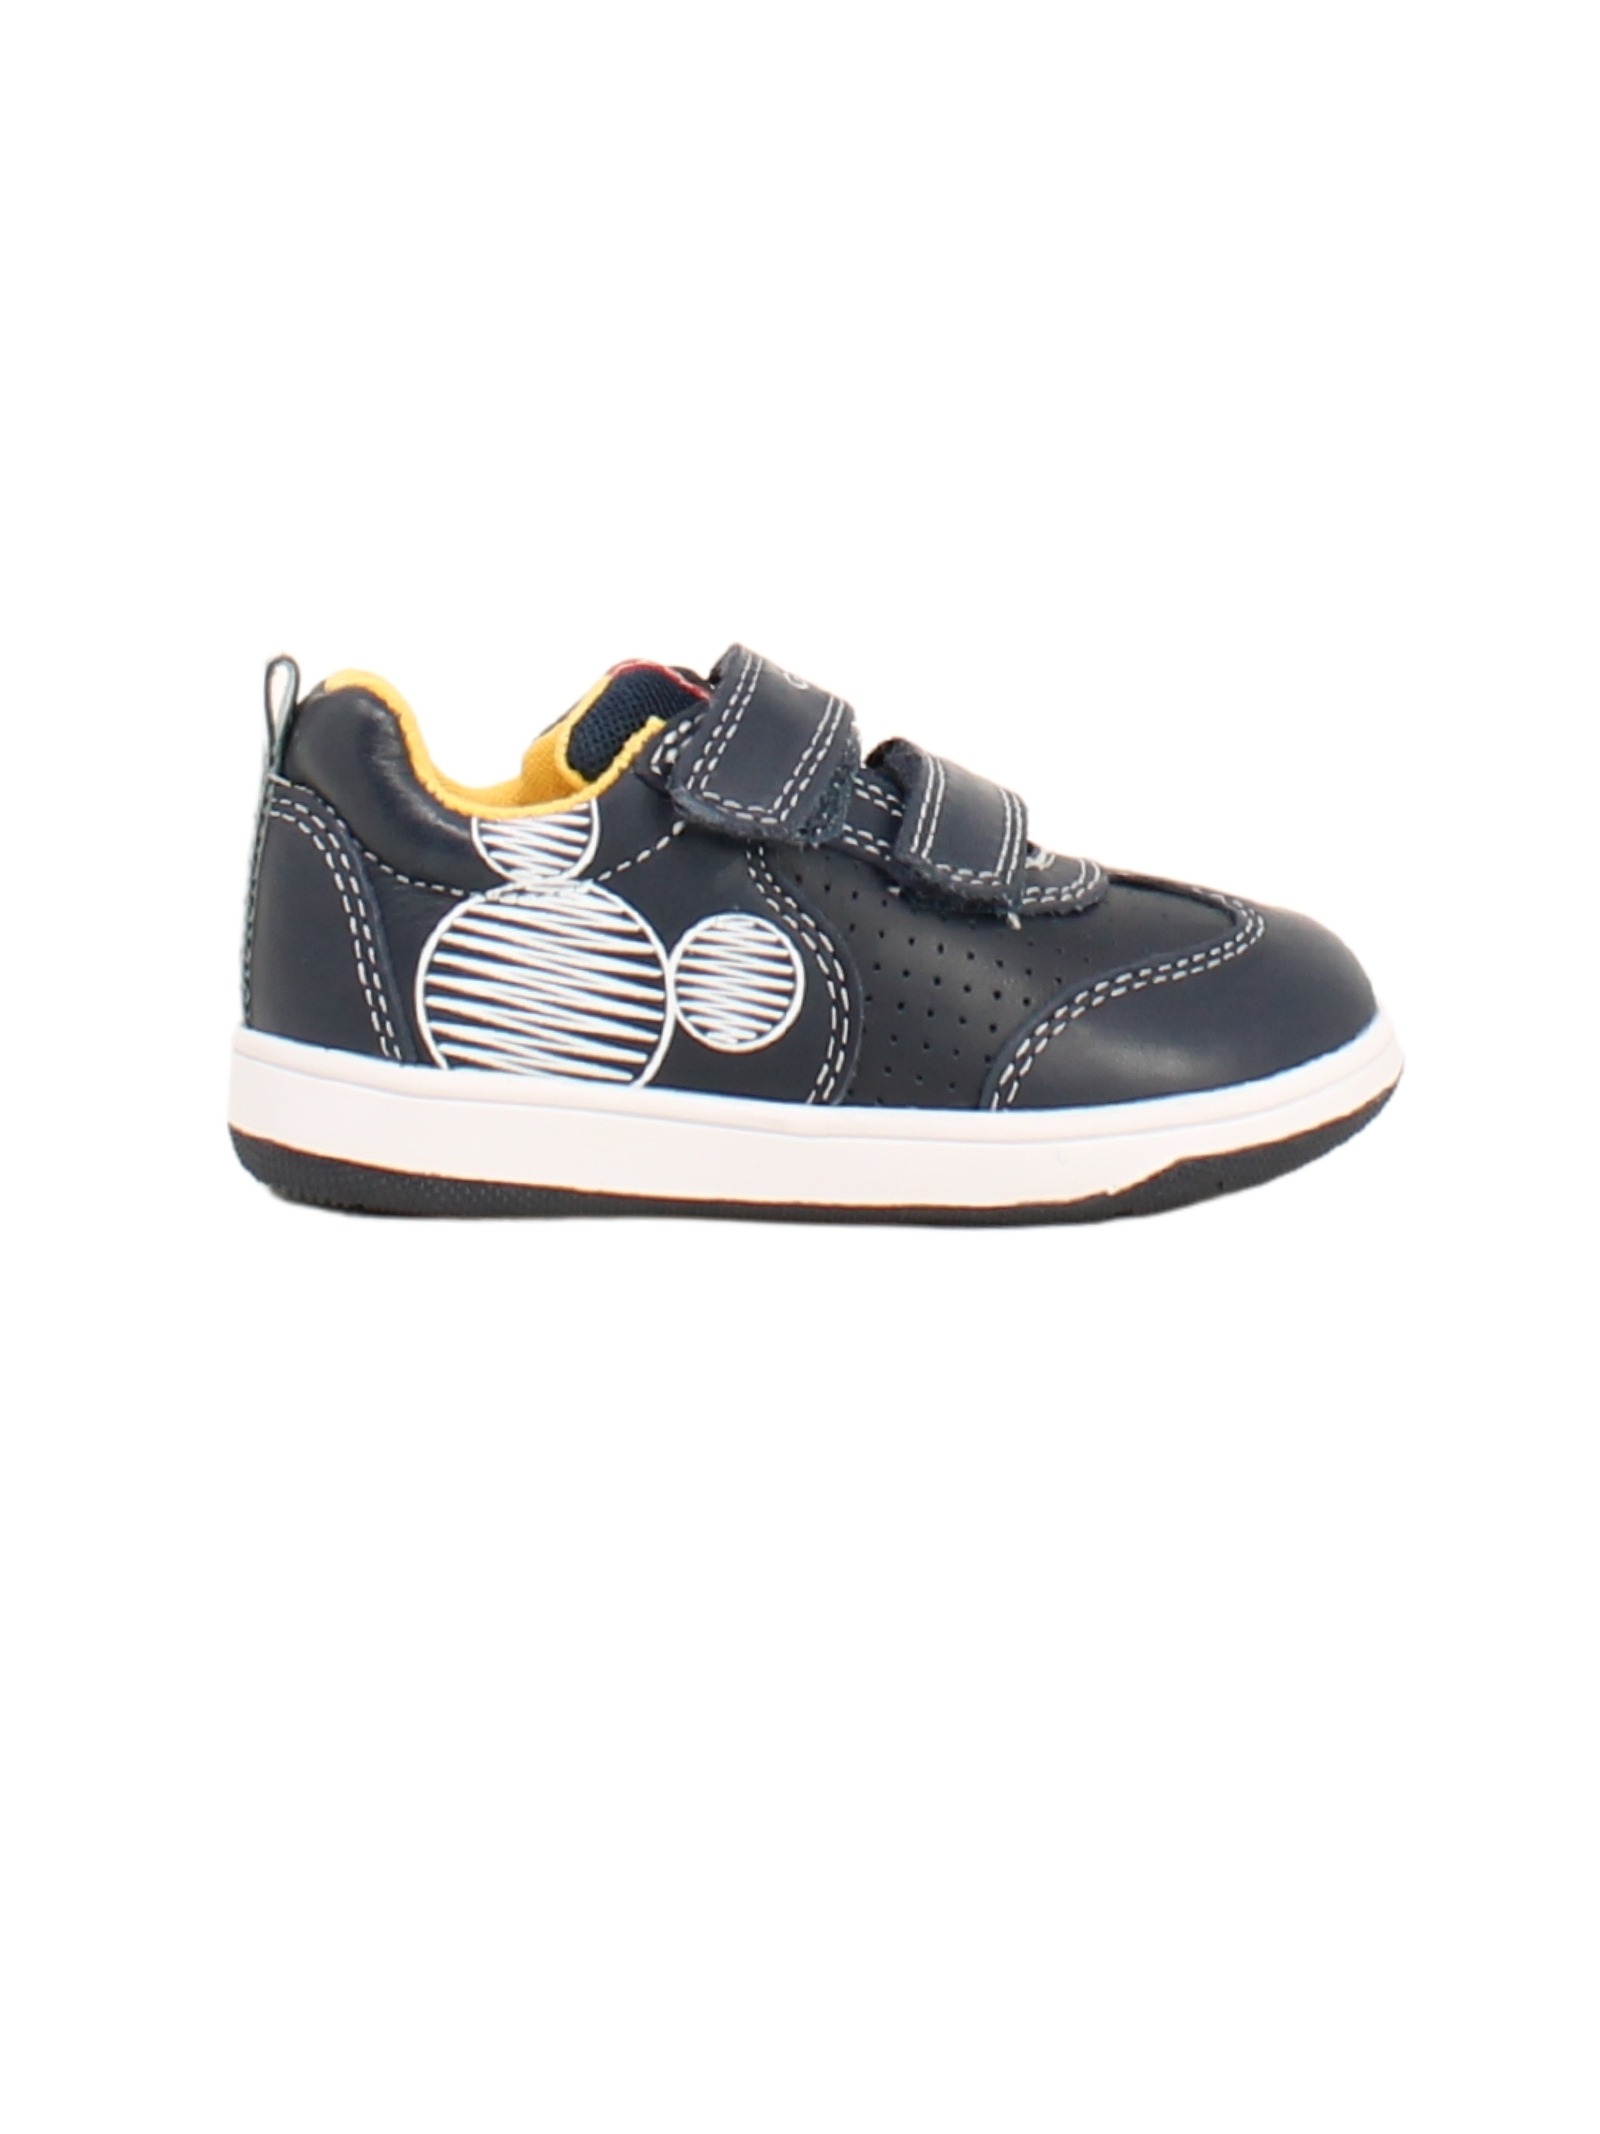 Sneakers Baby Blu GEOX KIDS | Sneakers | B021LB00085C4002